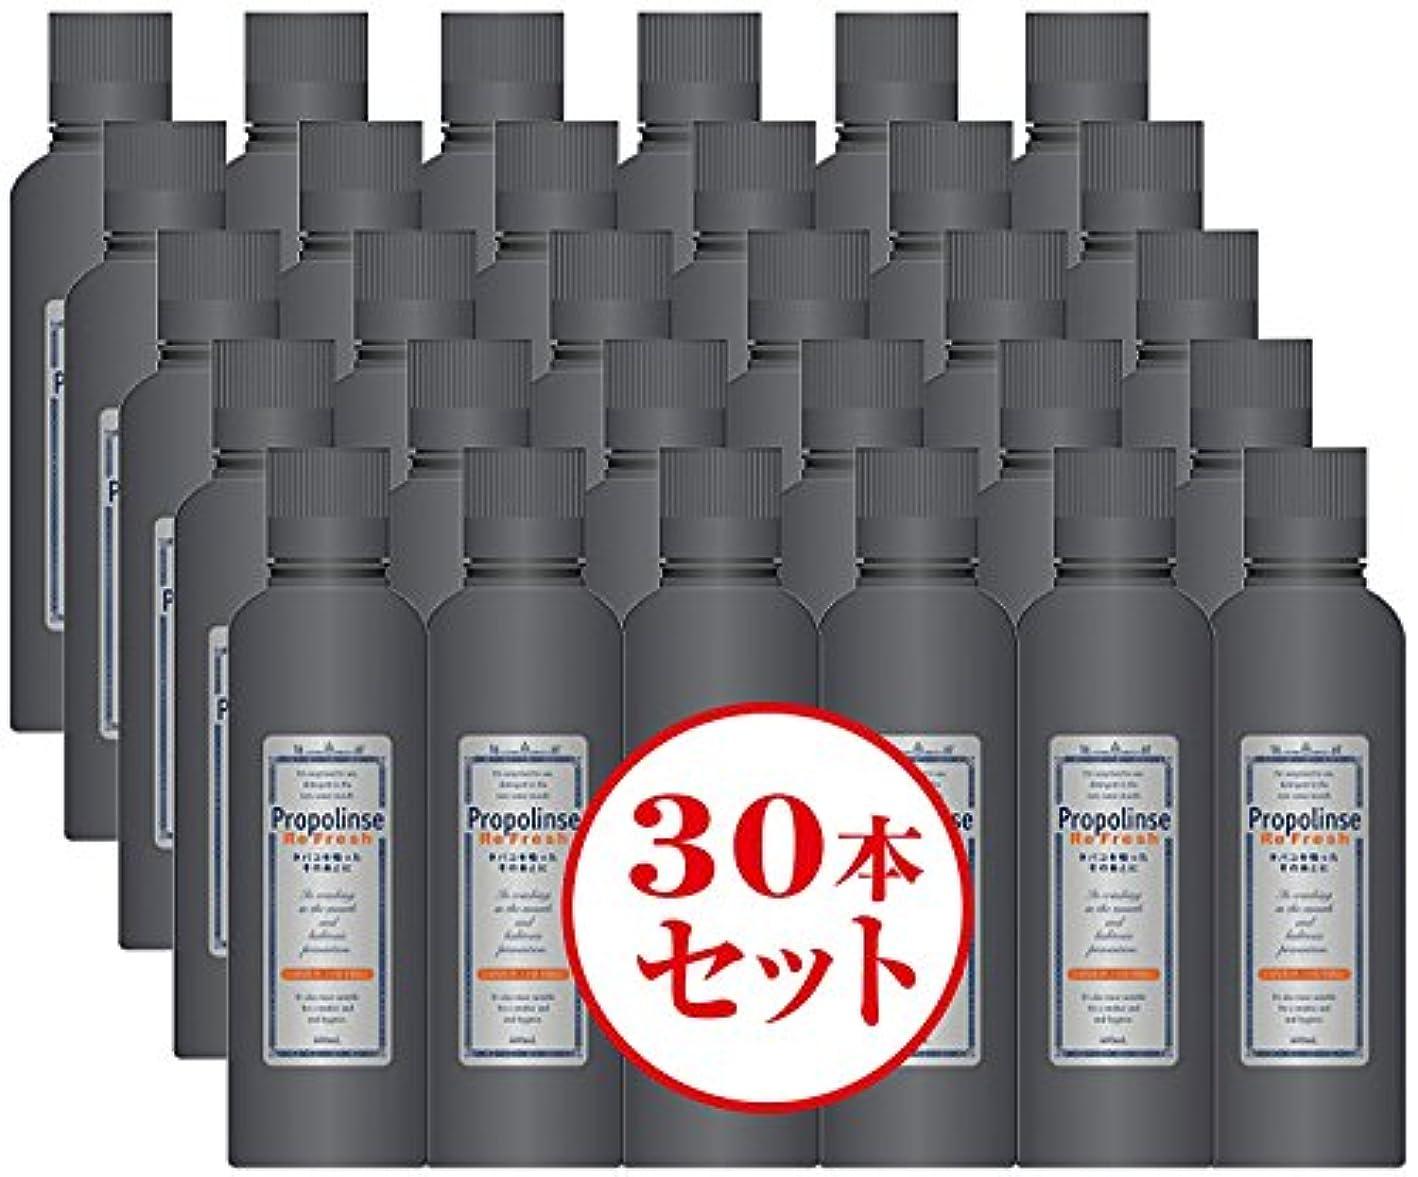 標準中間消化器プロポリンス タバコ用600ml×30本